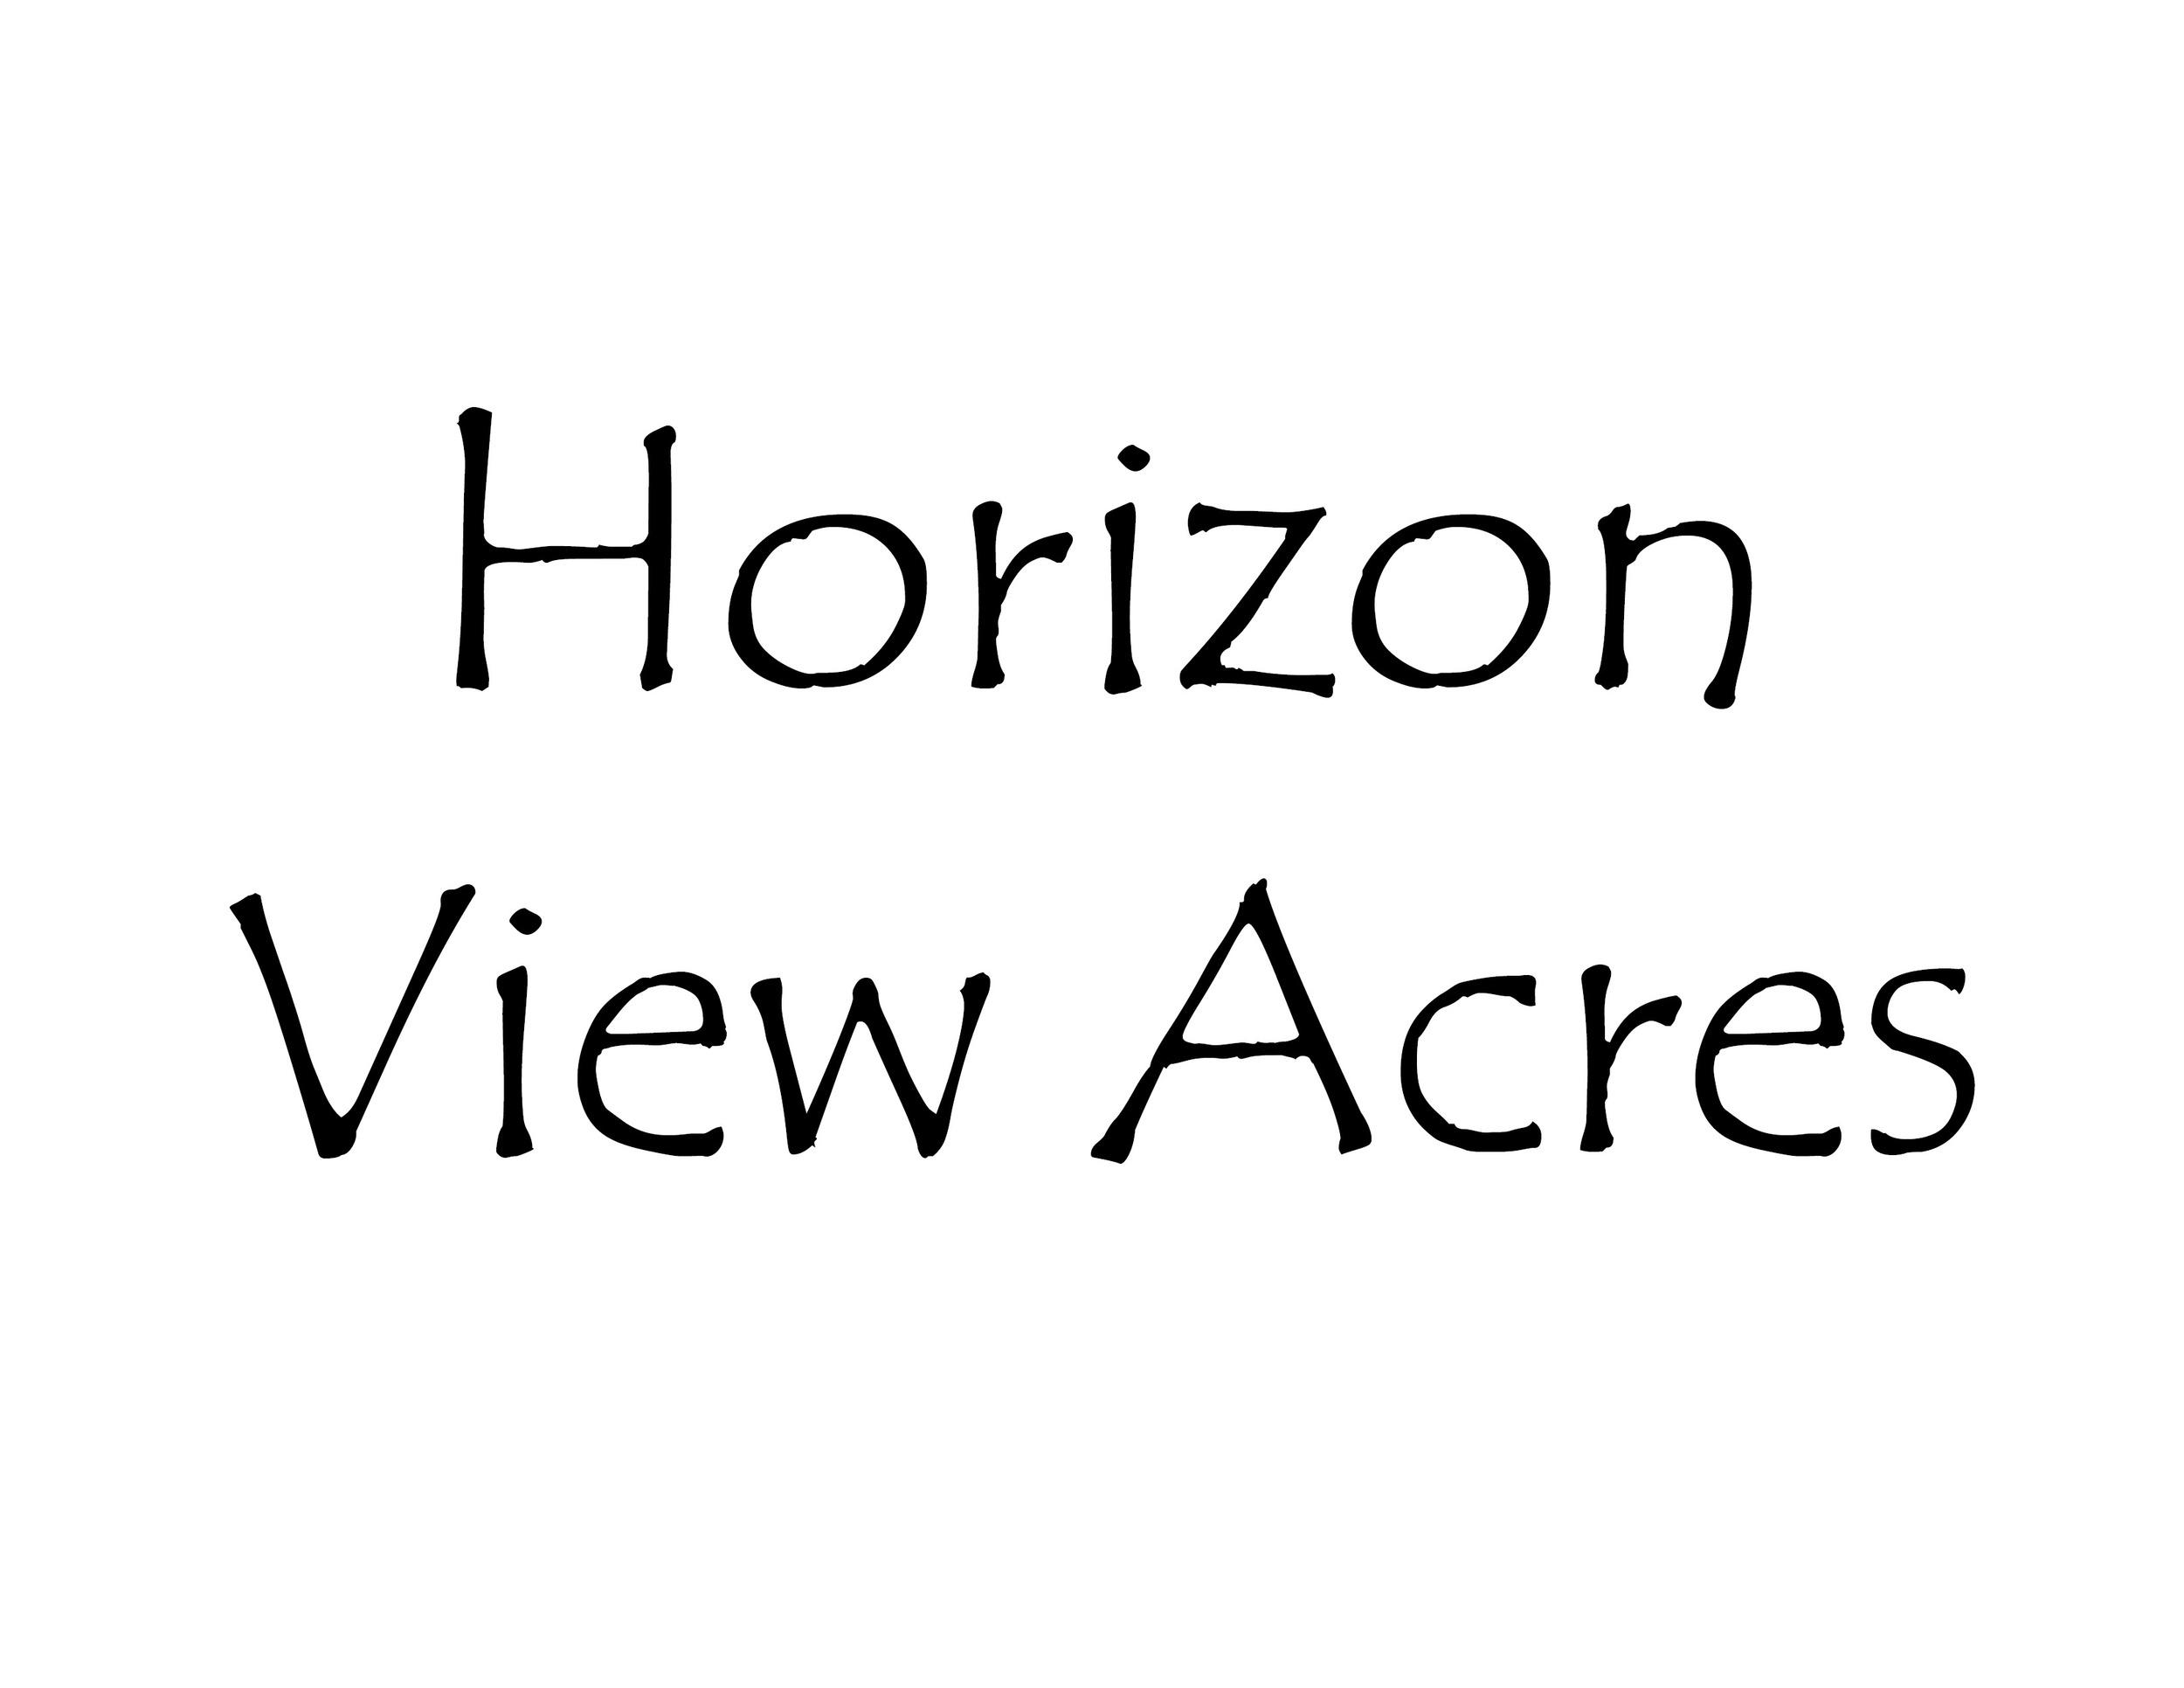 horizon view acres.jpg